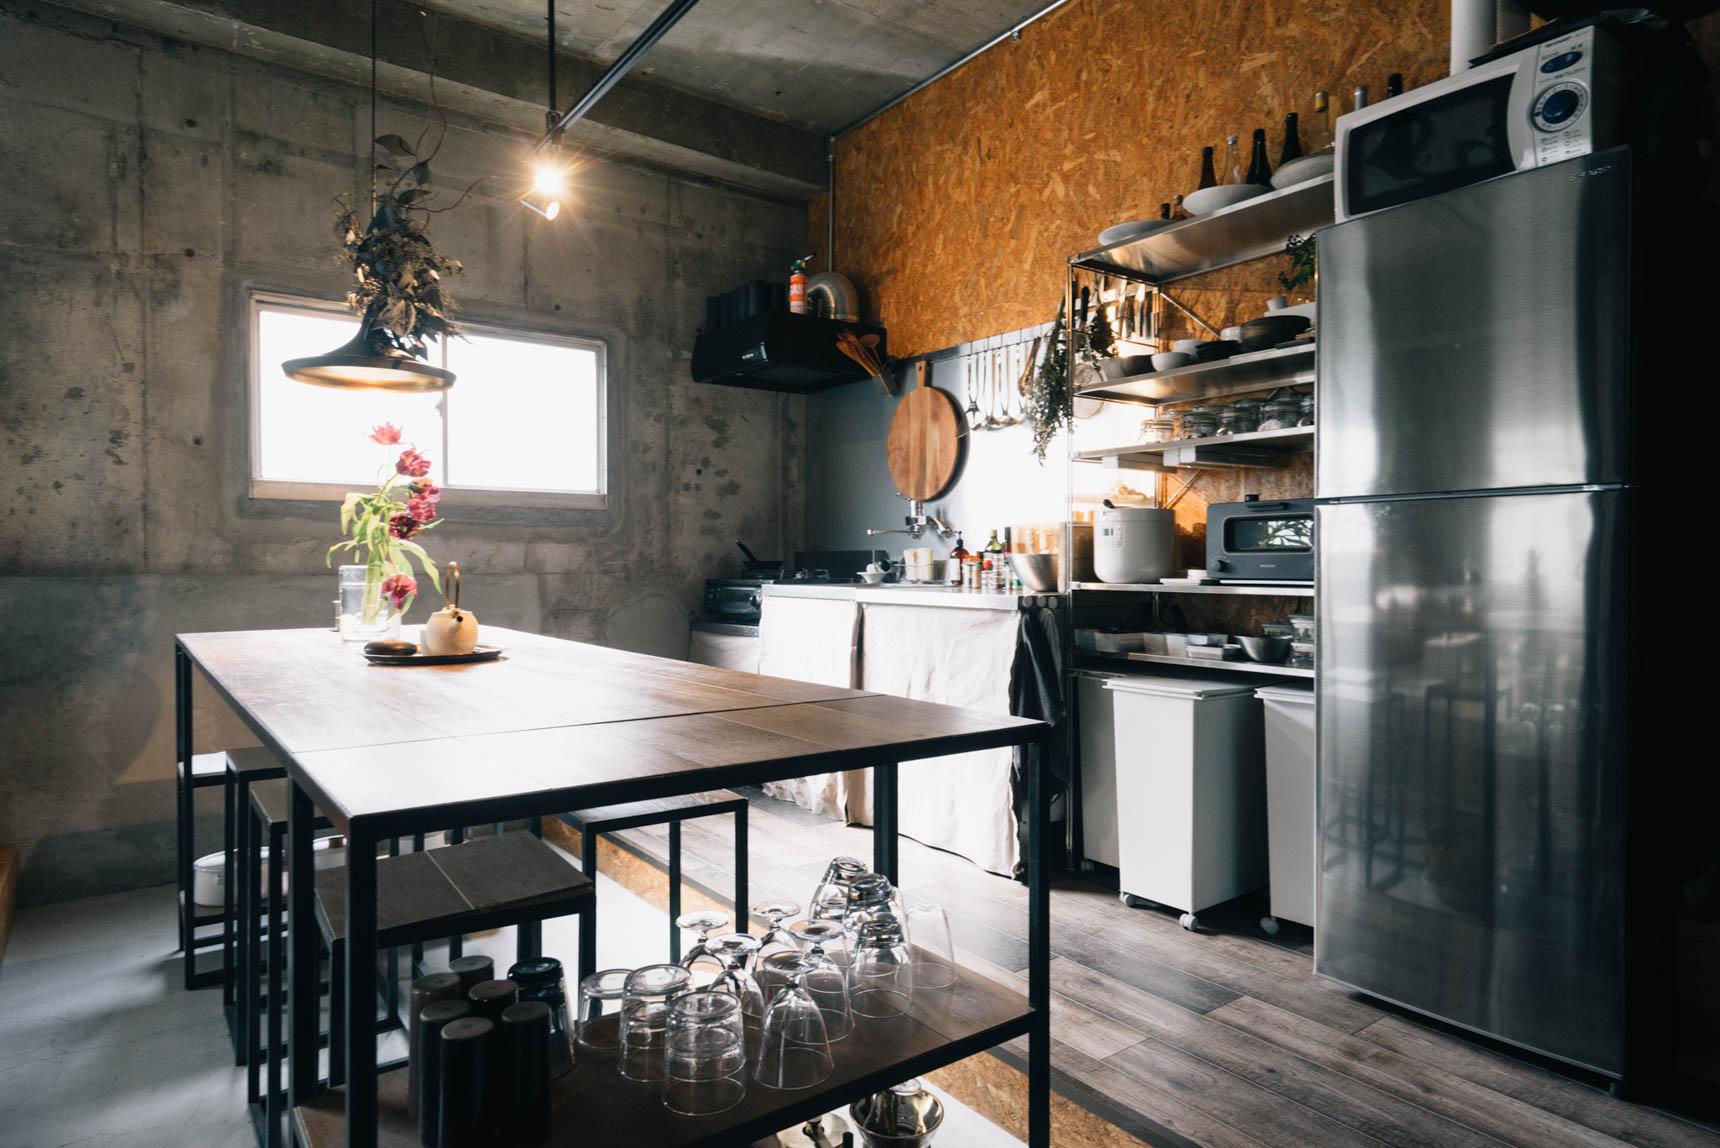 家で料理をするのが好きな安間さん。Instagramには盛り付けまでとことんこだわった料理の写真がたくさんアップされています。